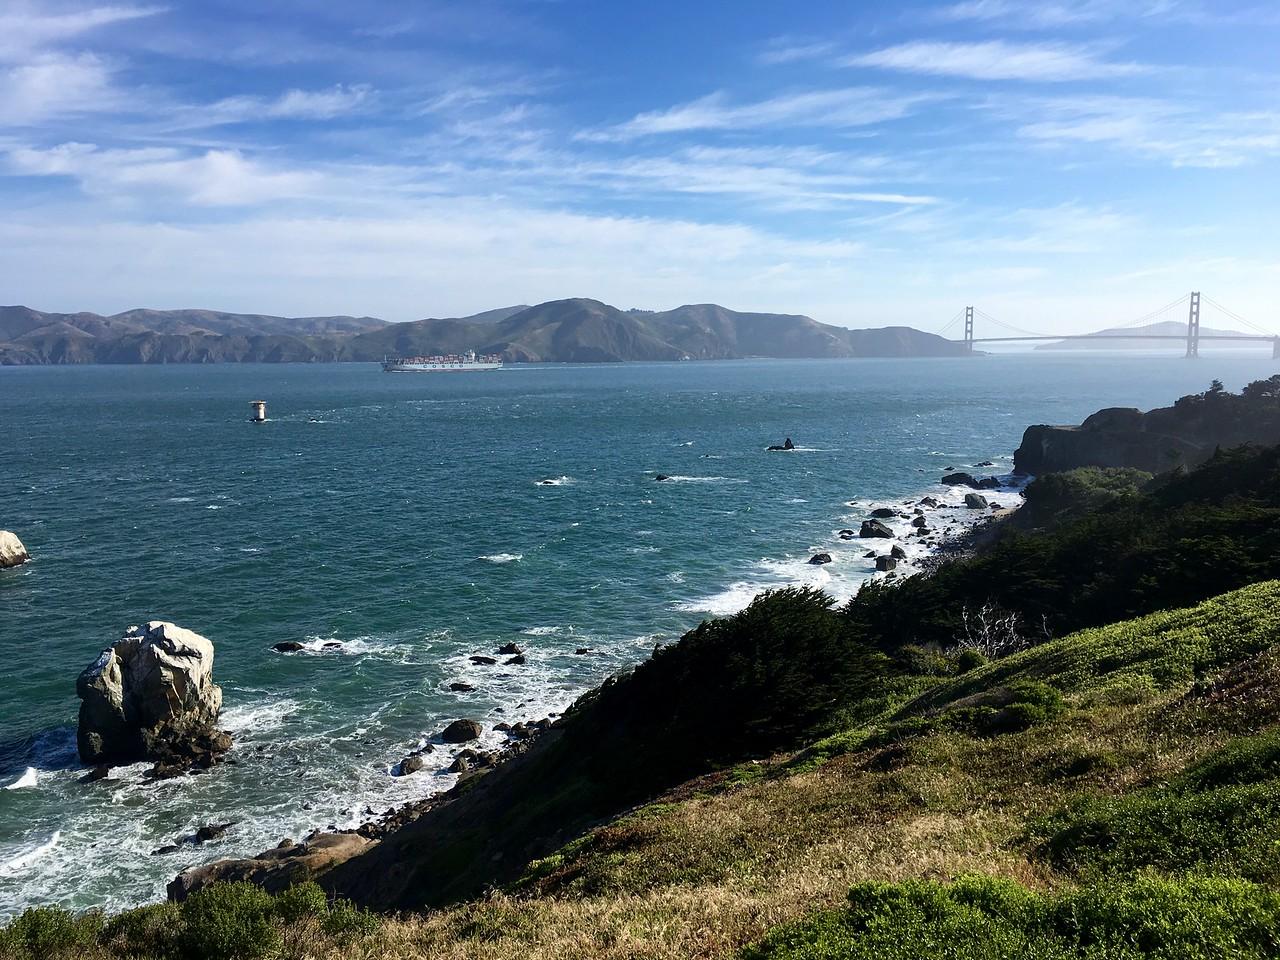 Lobos Rock, the bridge, and a container ship